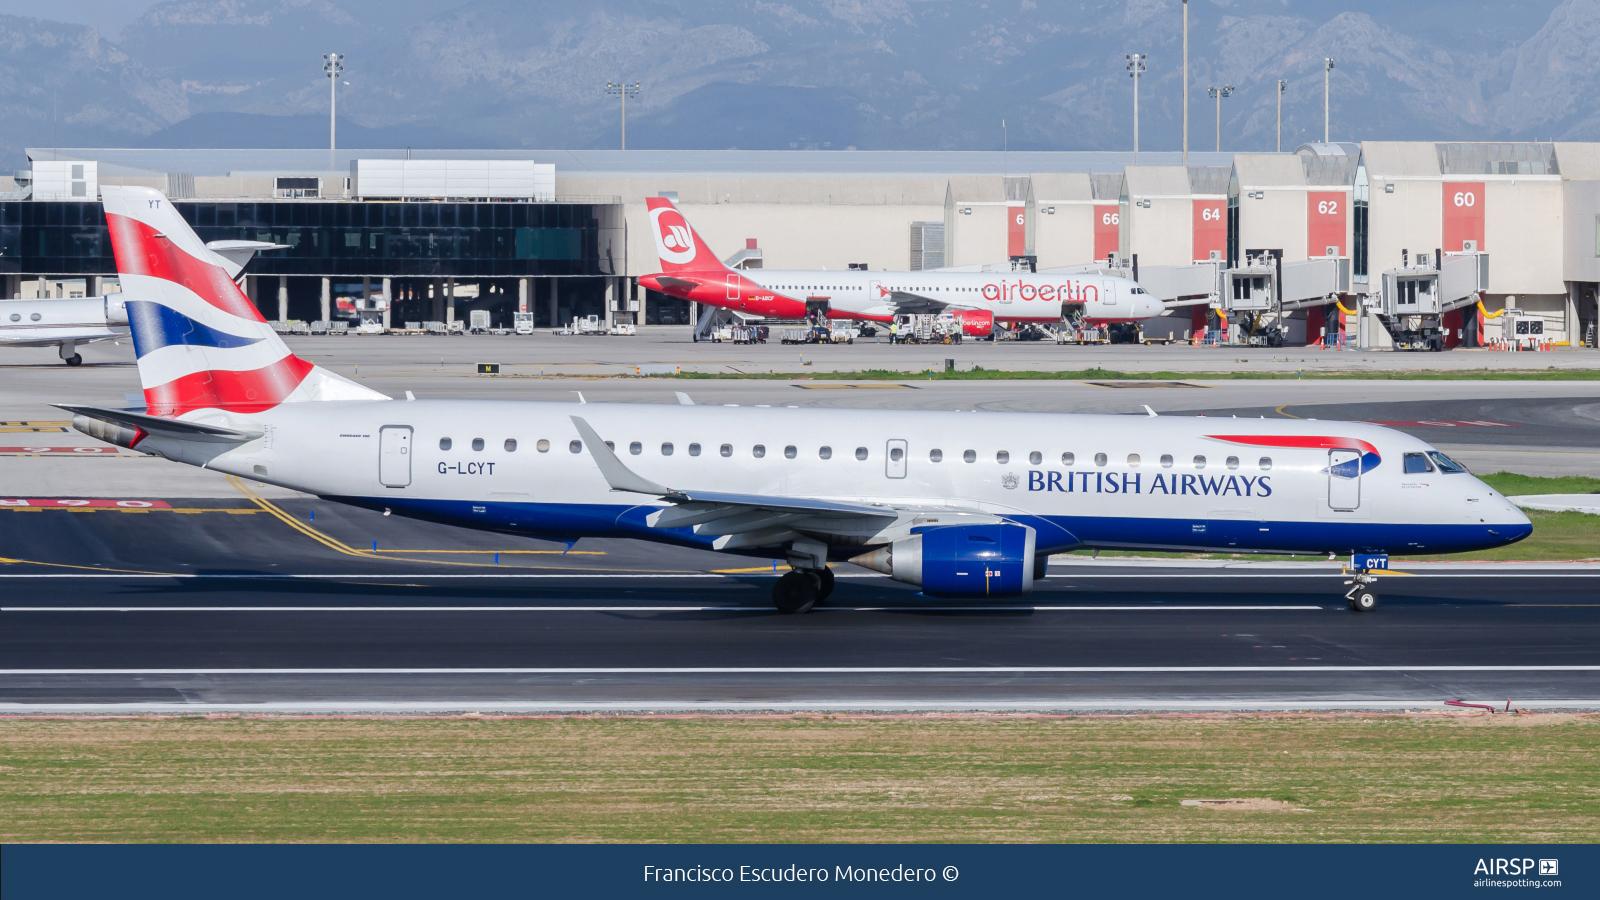 British Airways CityflyerEmbraer ERJ-190G-LCYT